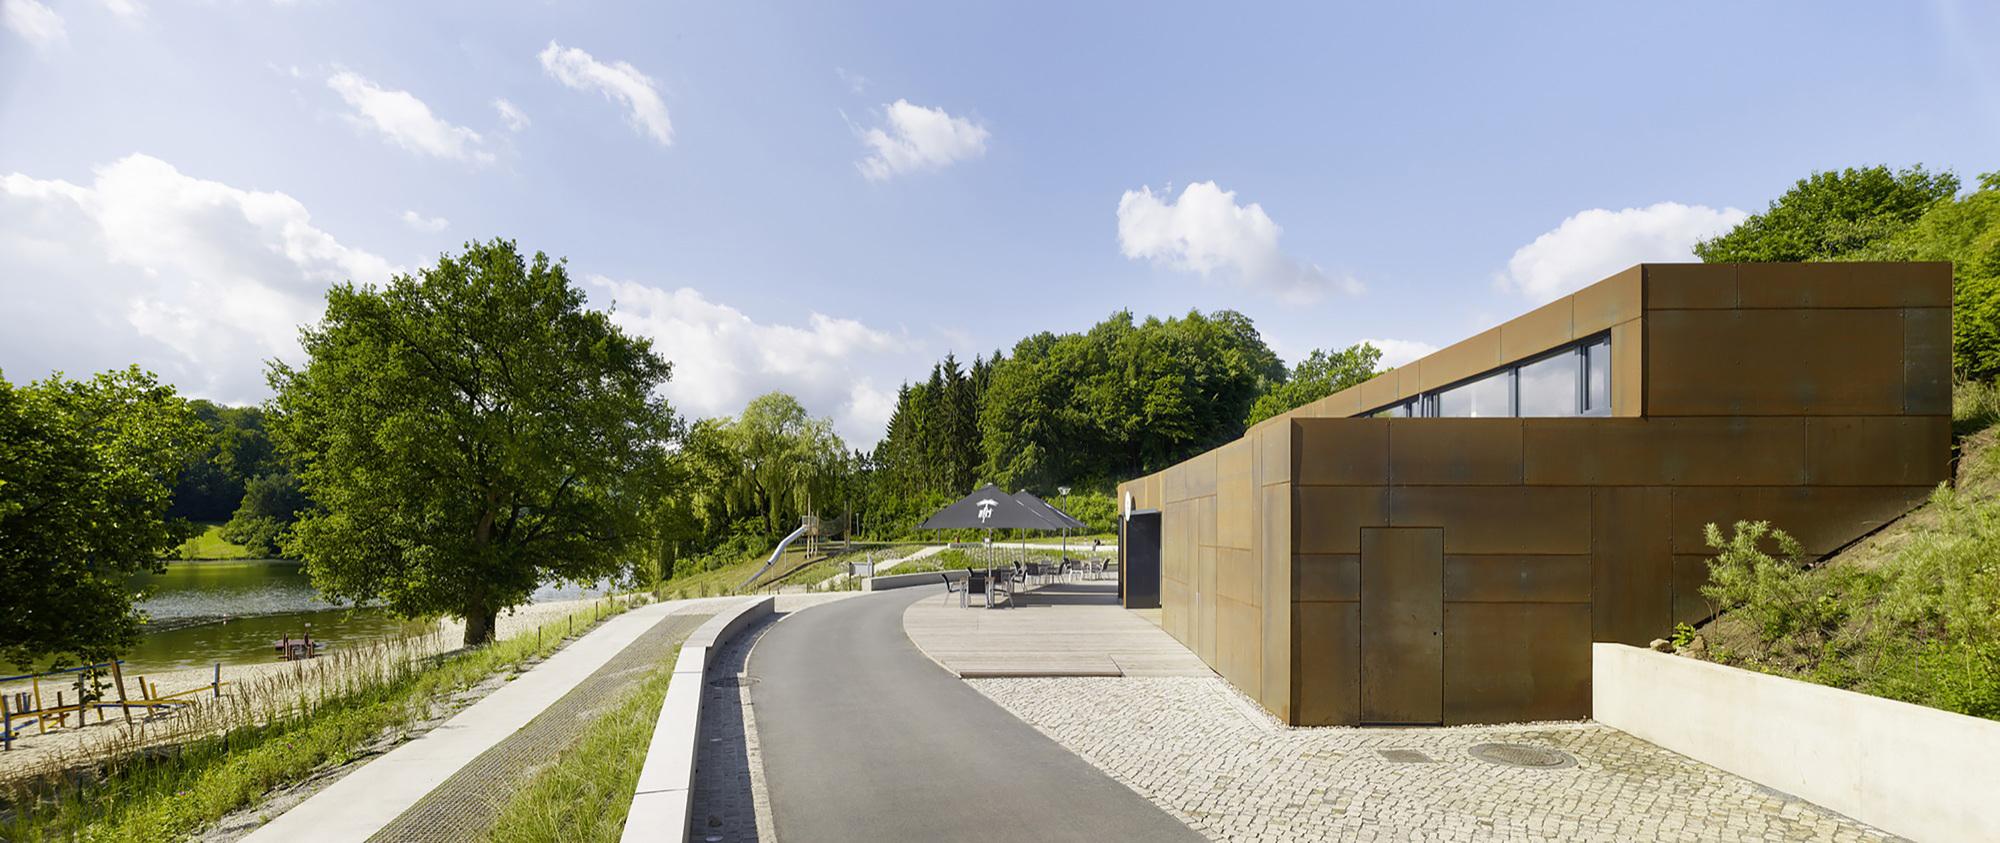 Galeria de Banheiro Público / Müntinga   Puy Architekten 5 #505918 2000 843